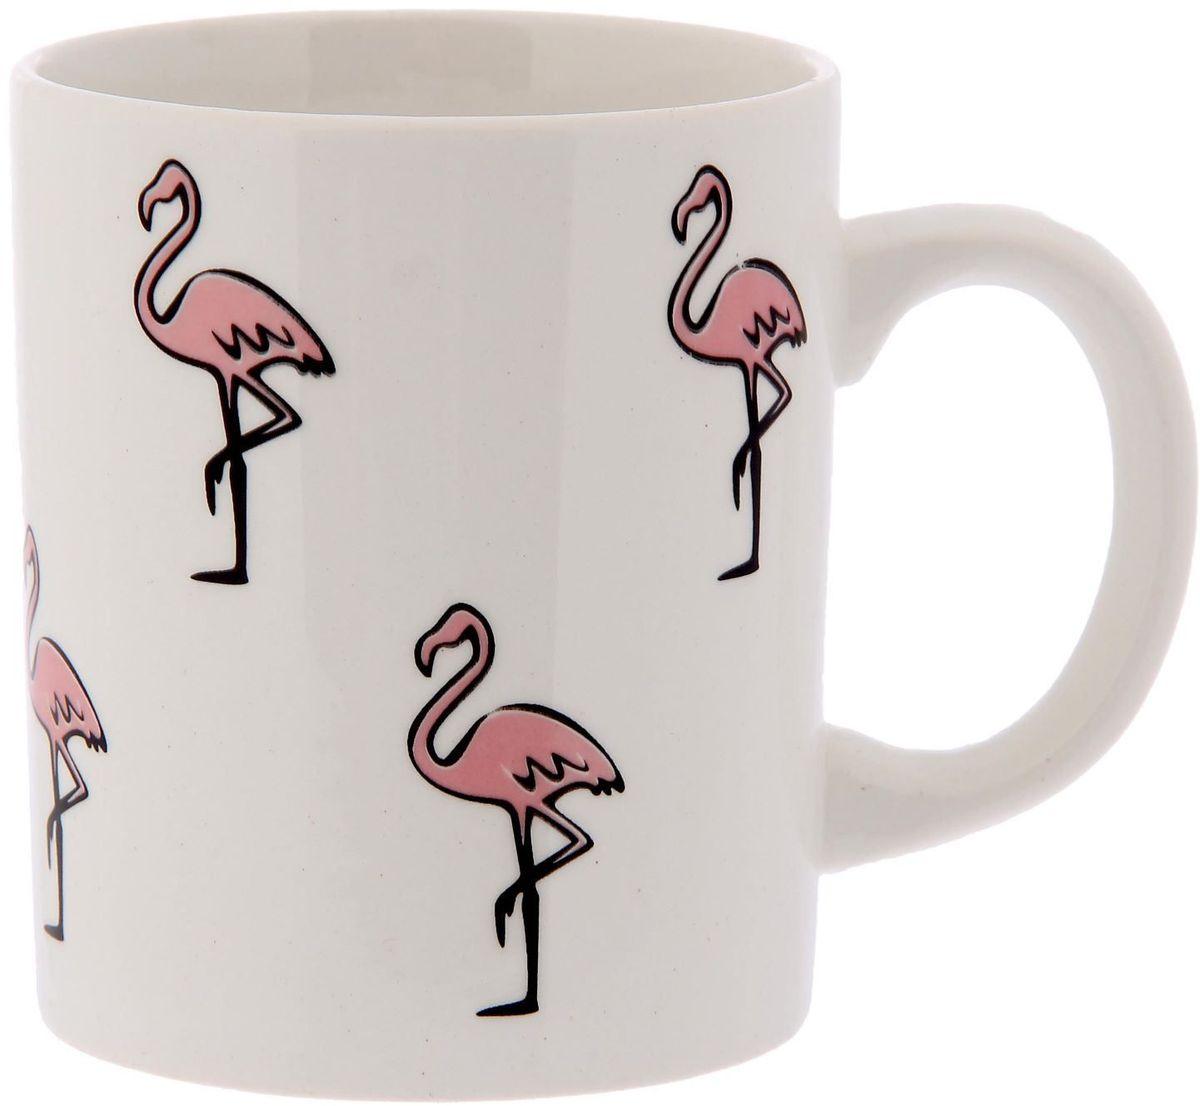 Кружка Сотвори чудо Розовый фламинго, 320 мл2277841Хотите обновить интерьер кухни или гостиной? Устраиваете необычную фотосессию или тематический праздник? А может, просто ищете подарок для близкого человека? Кружка станет любимым аксессуаром на долгие годы. Относитесь к изделию бережно, и оно будет дарить прекрасное настроение каждый день!